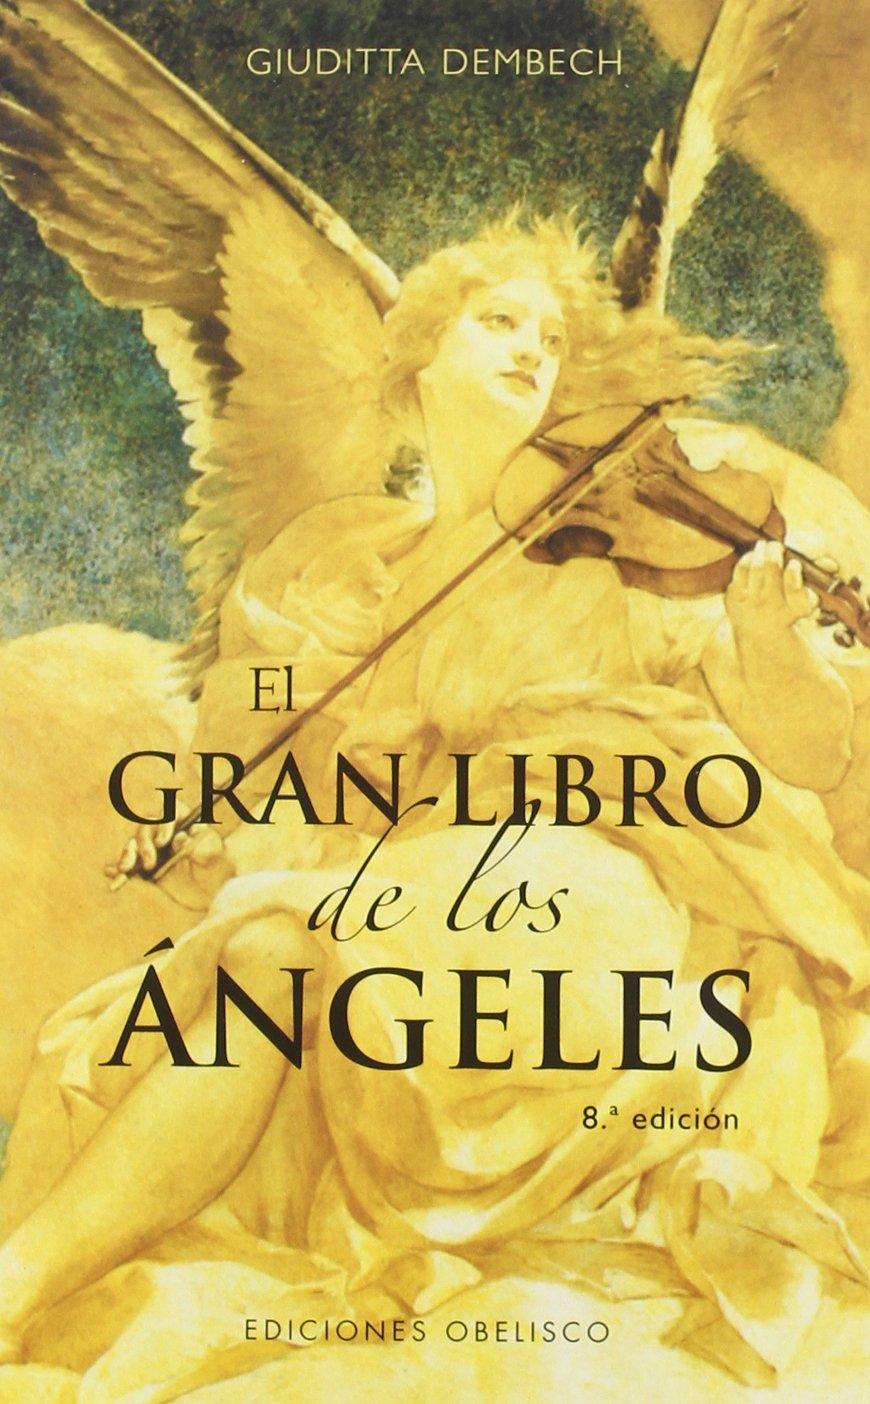 El gran libro de los ángeles (ANGEOLOGÍA): Amazon.es: GIUDITTA DEMBECH: Libros